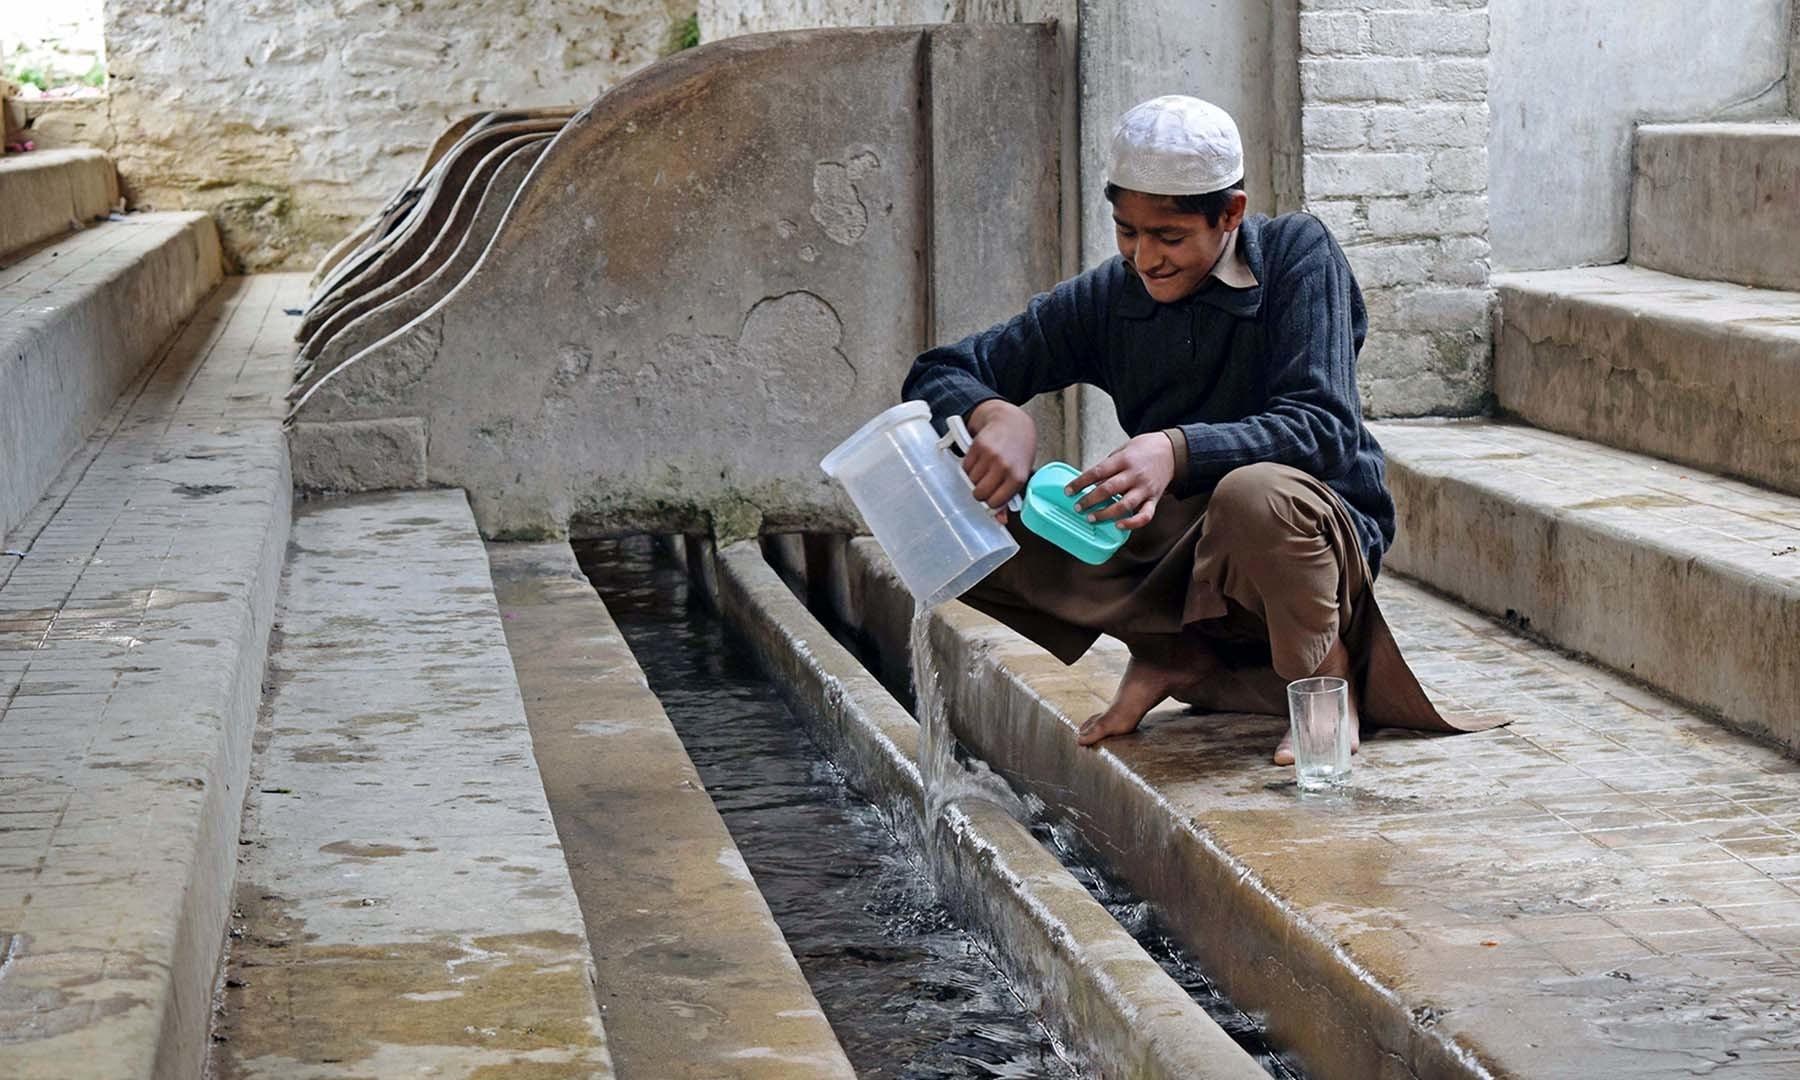 ایک بچہ سیدو بابا چشمے سے پانی بھر رہا ہے— فوٹو امجد علی سحاب